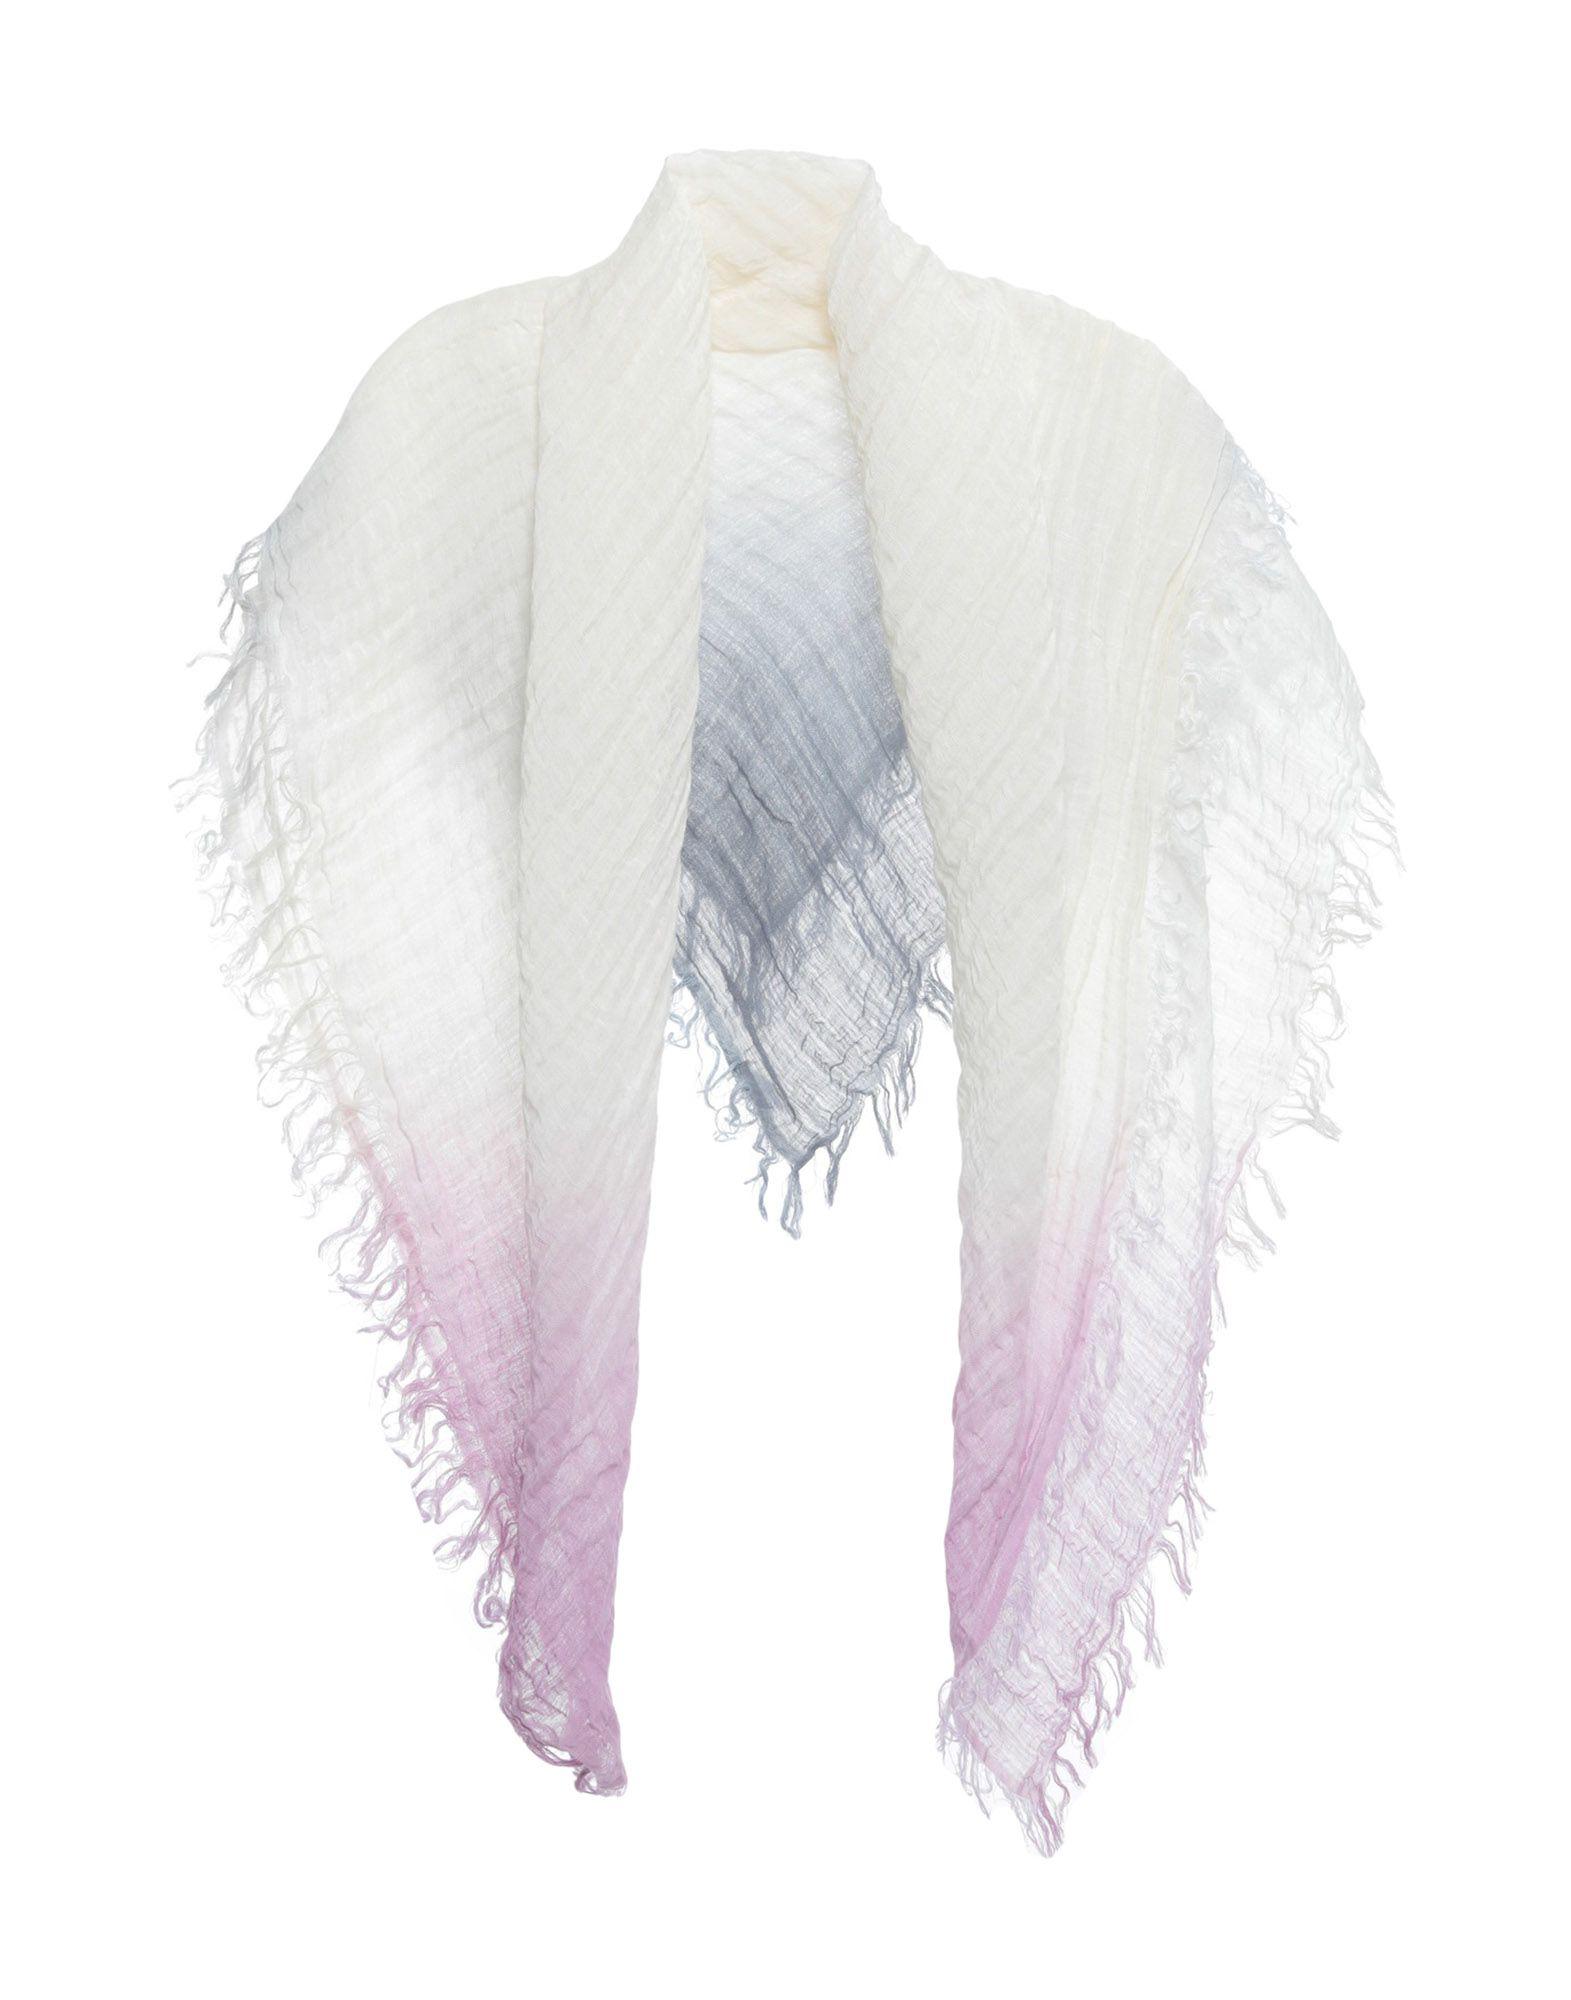 MALO Шаль павловопосадская шерстяная шаль с шелковой бахромой волшебный узор 148х148 см